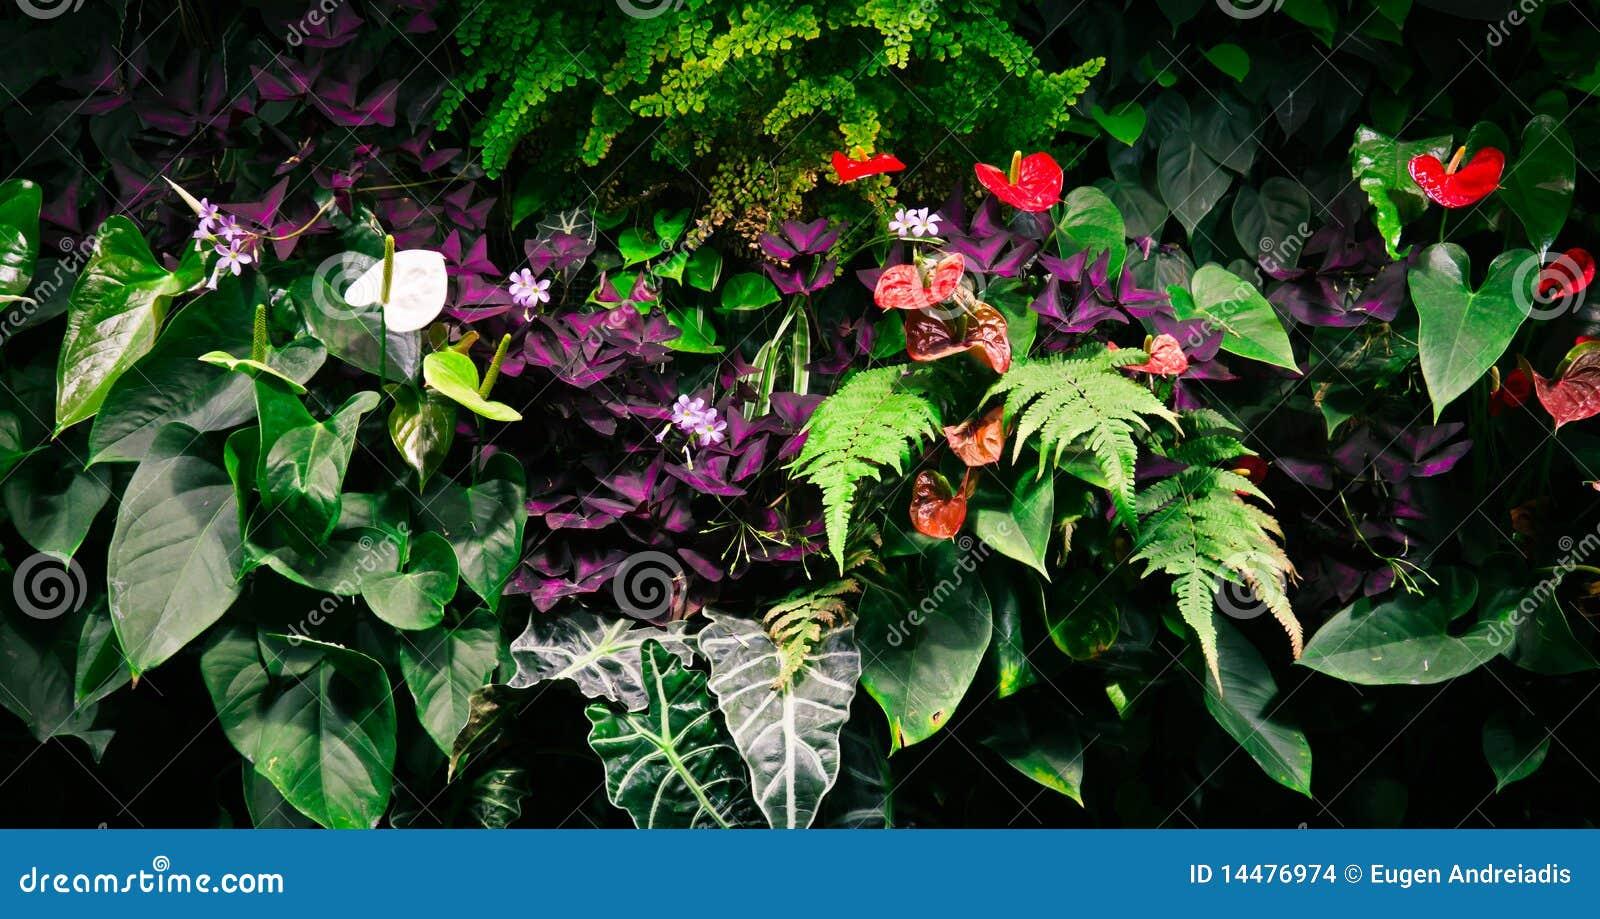 flores tropicais jardim: jardim vertical completamente de plantas tropicais e de flores